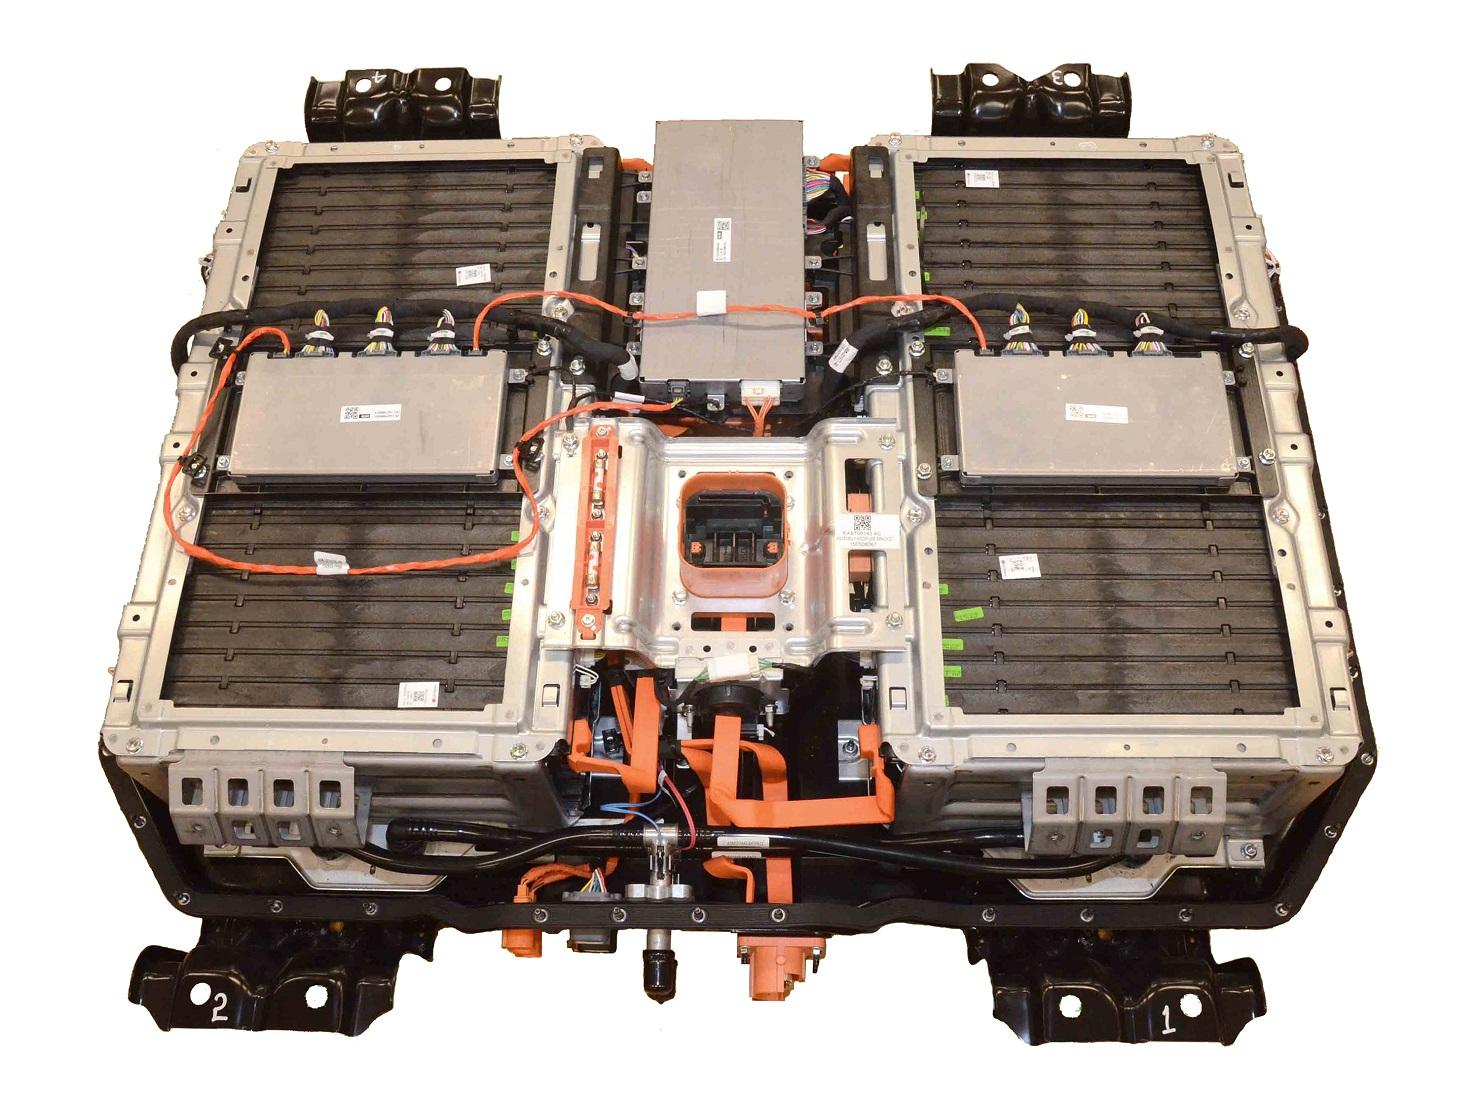 Chrysler Pacifica hybrid battery pack